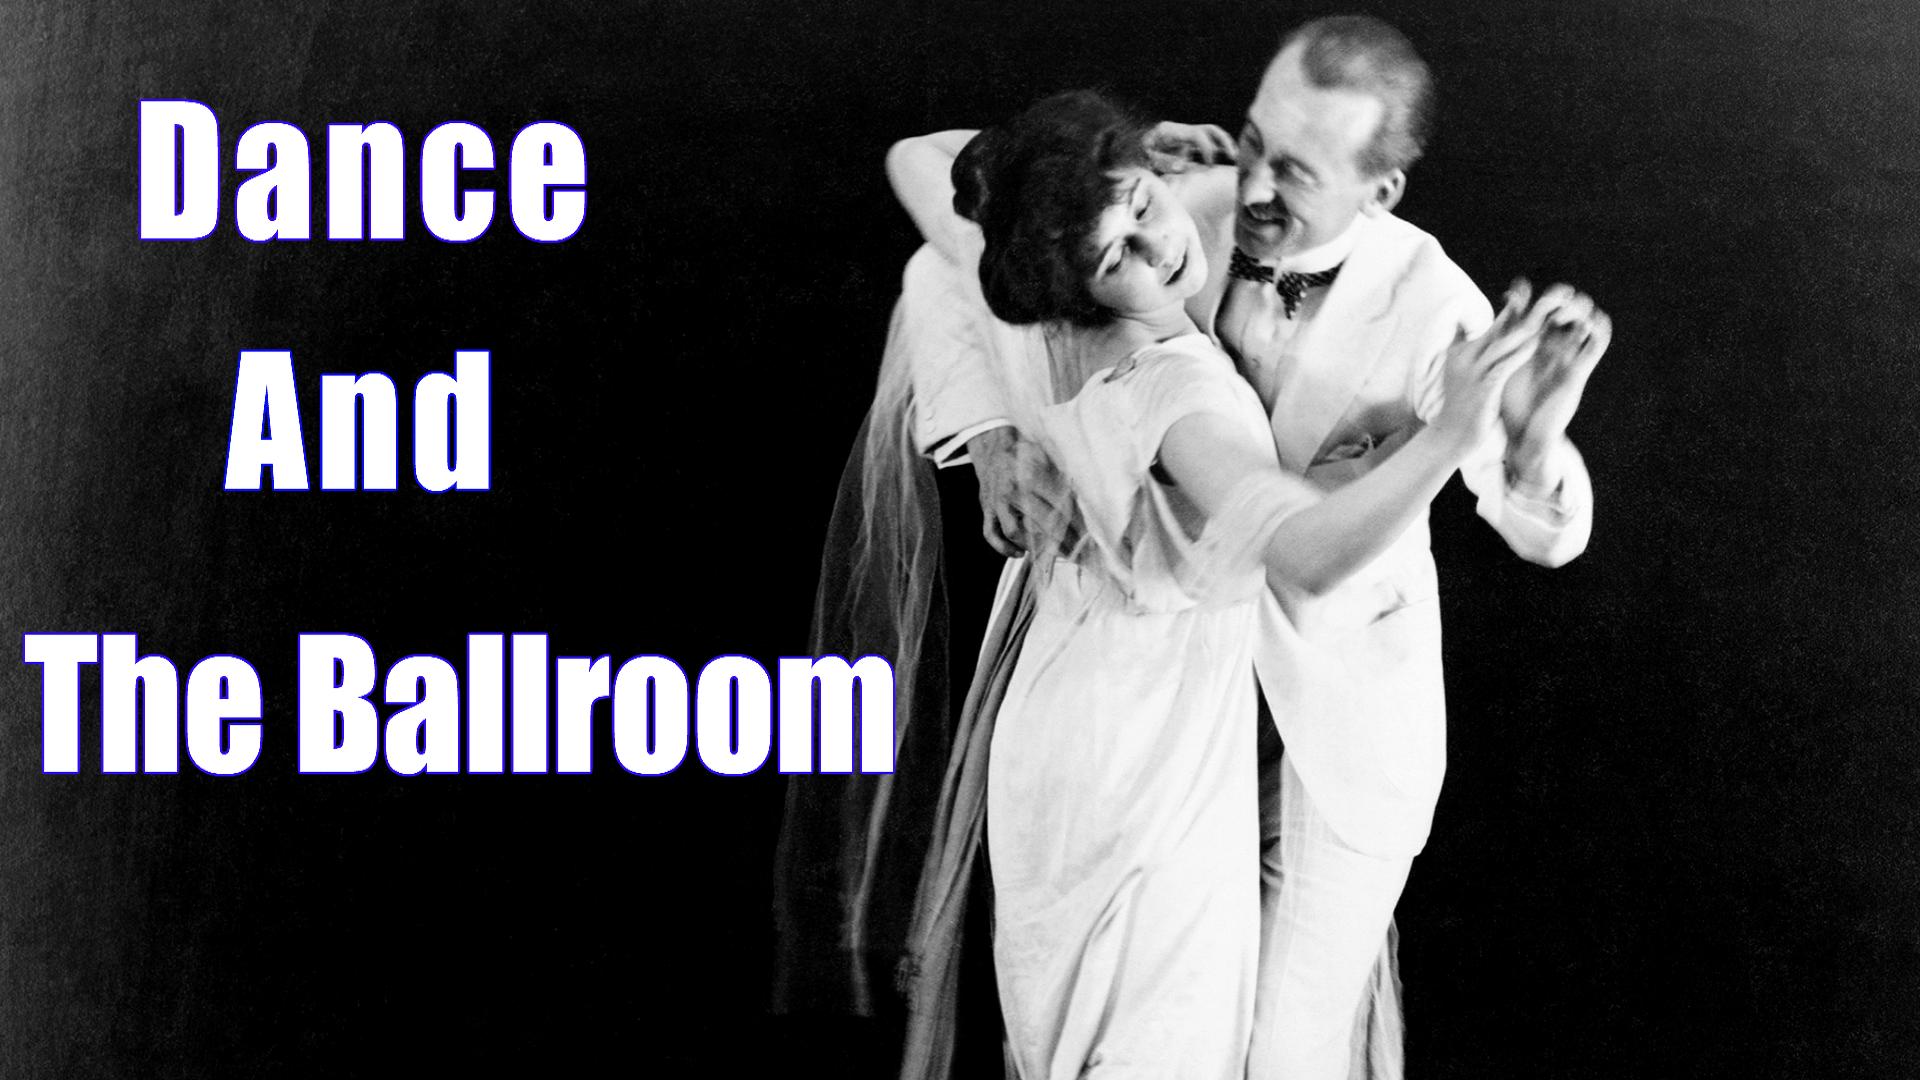 Dance and the ballroom